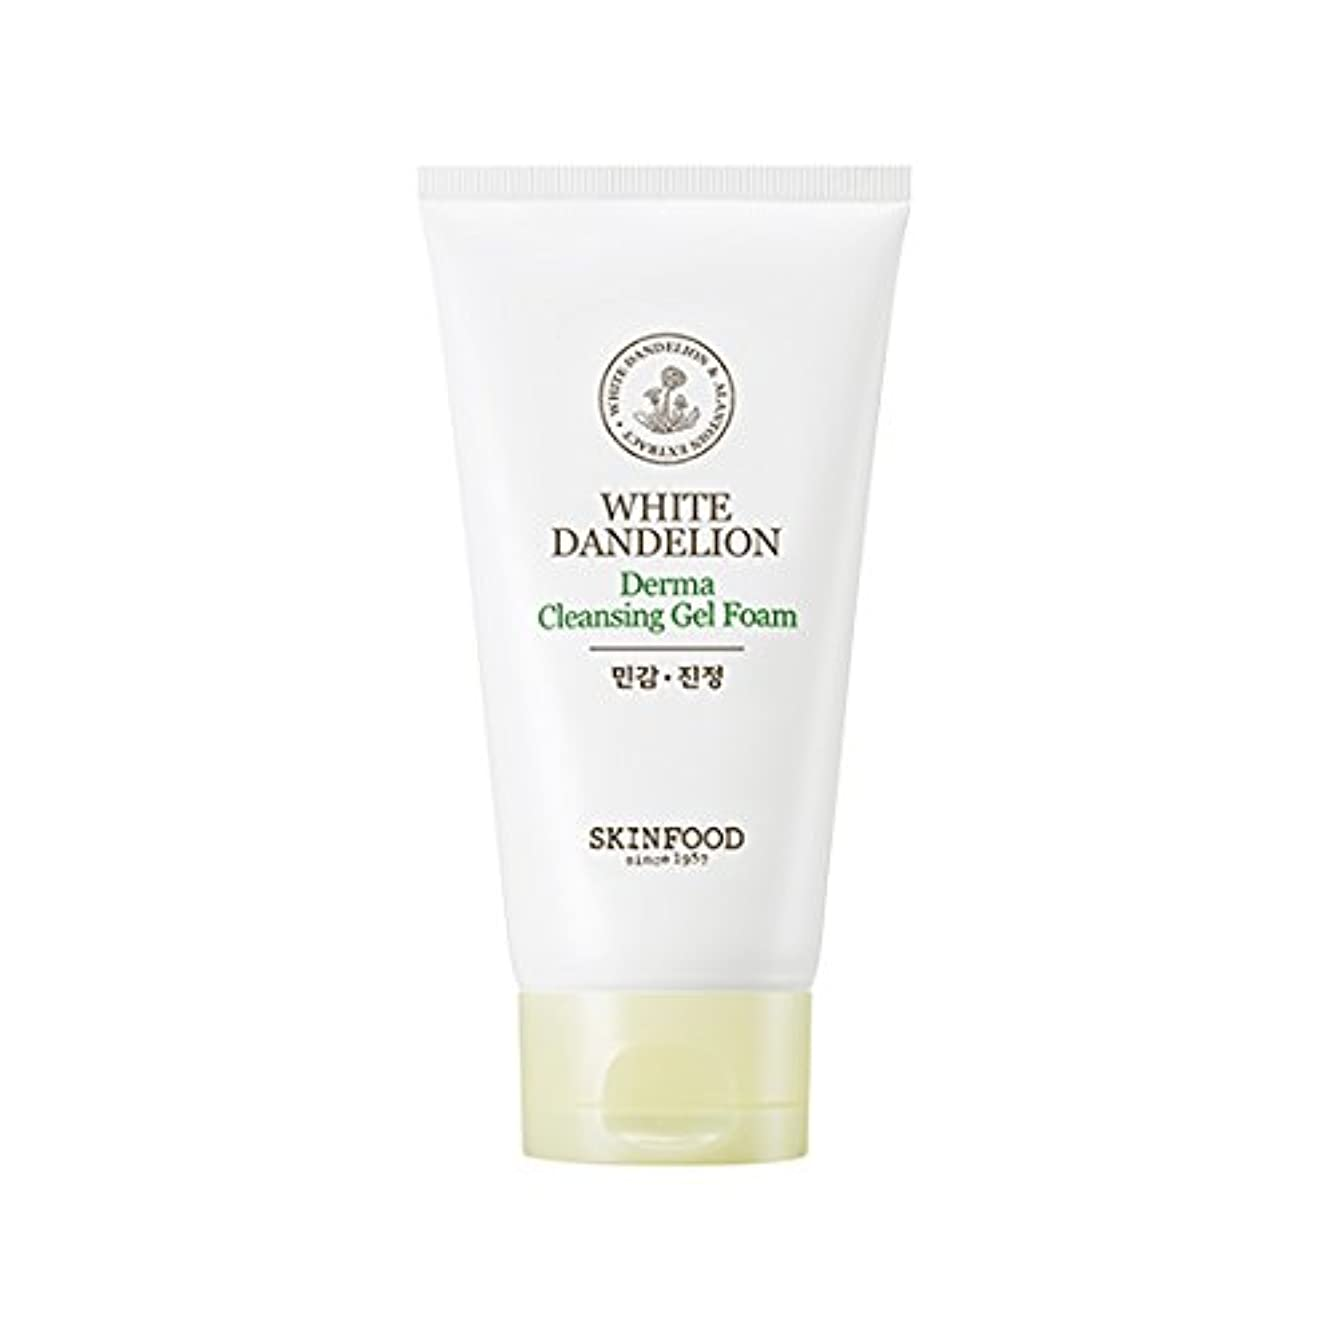 懐疑論約競争Skinfood/White Dandelion Derma Cleansing Gel Foam/ホワイトタンポポダーマクレンジングジェルフォーム/150ml [並行輸入品]